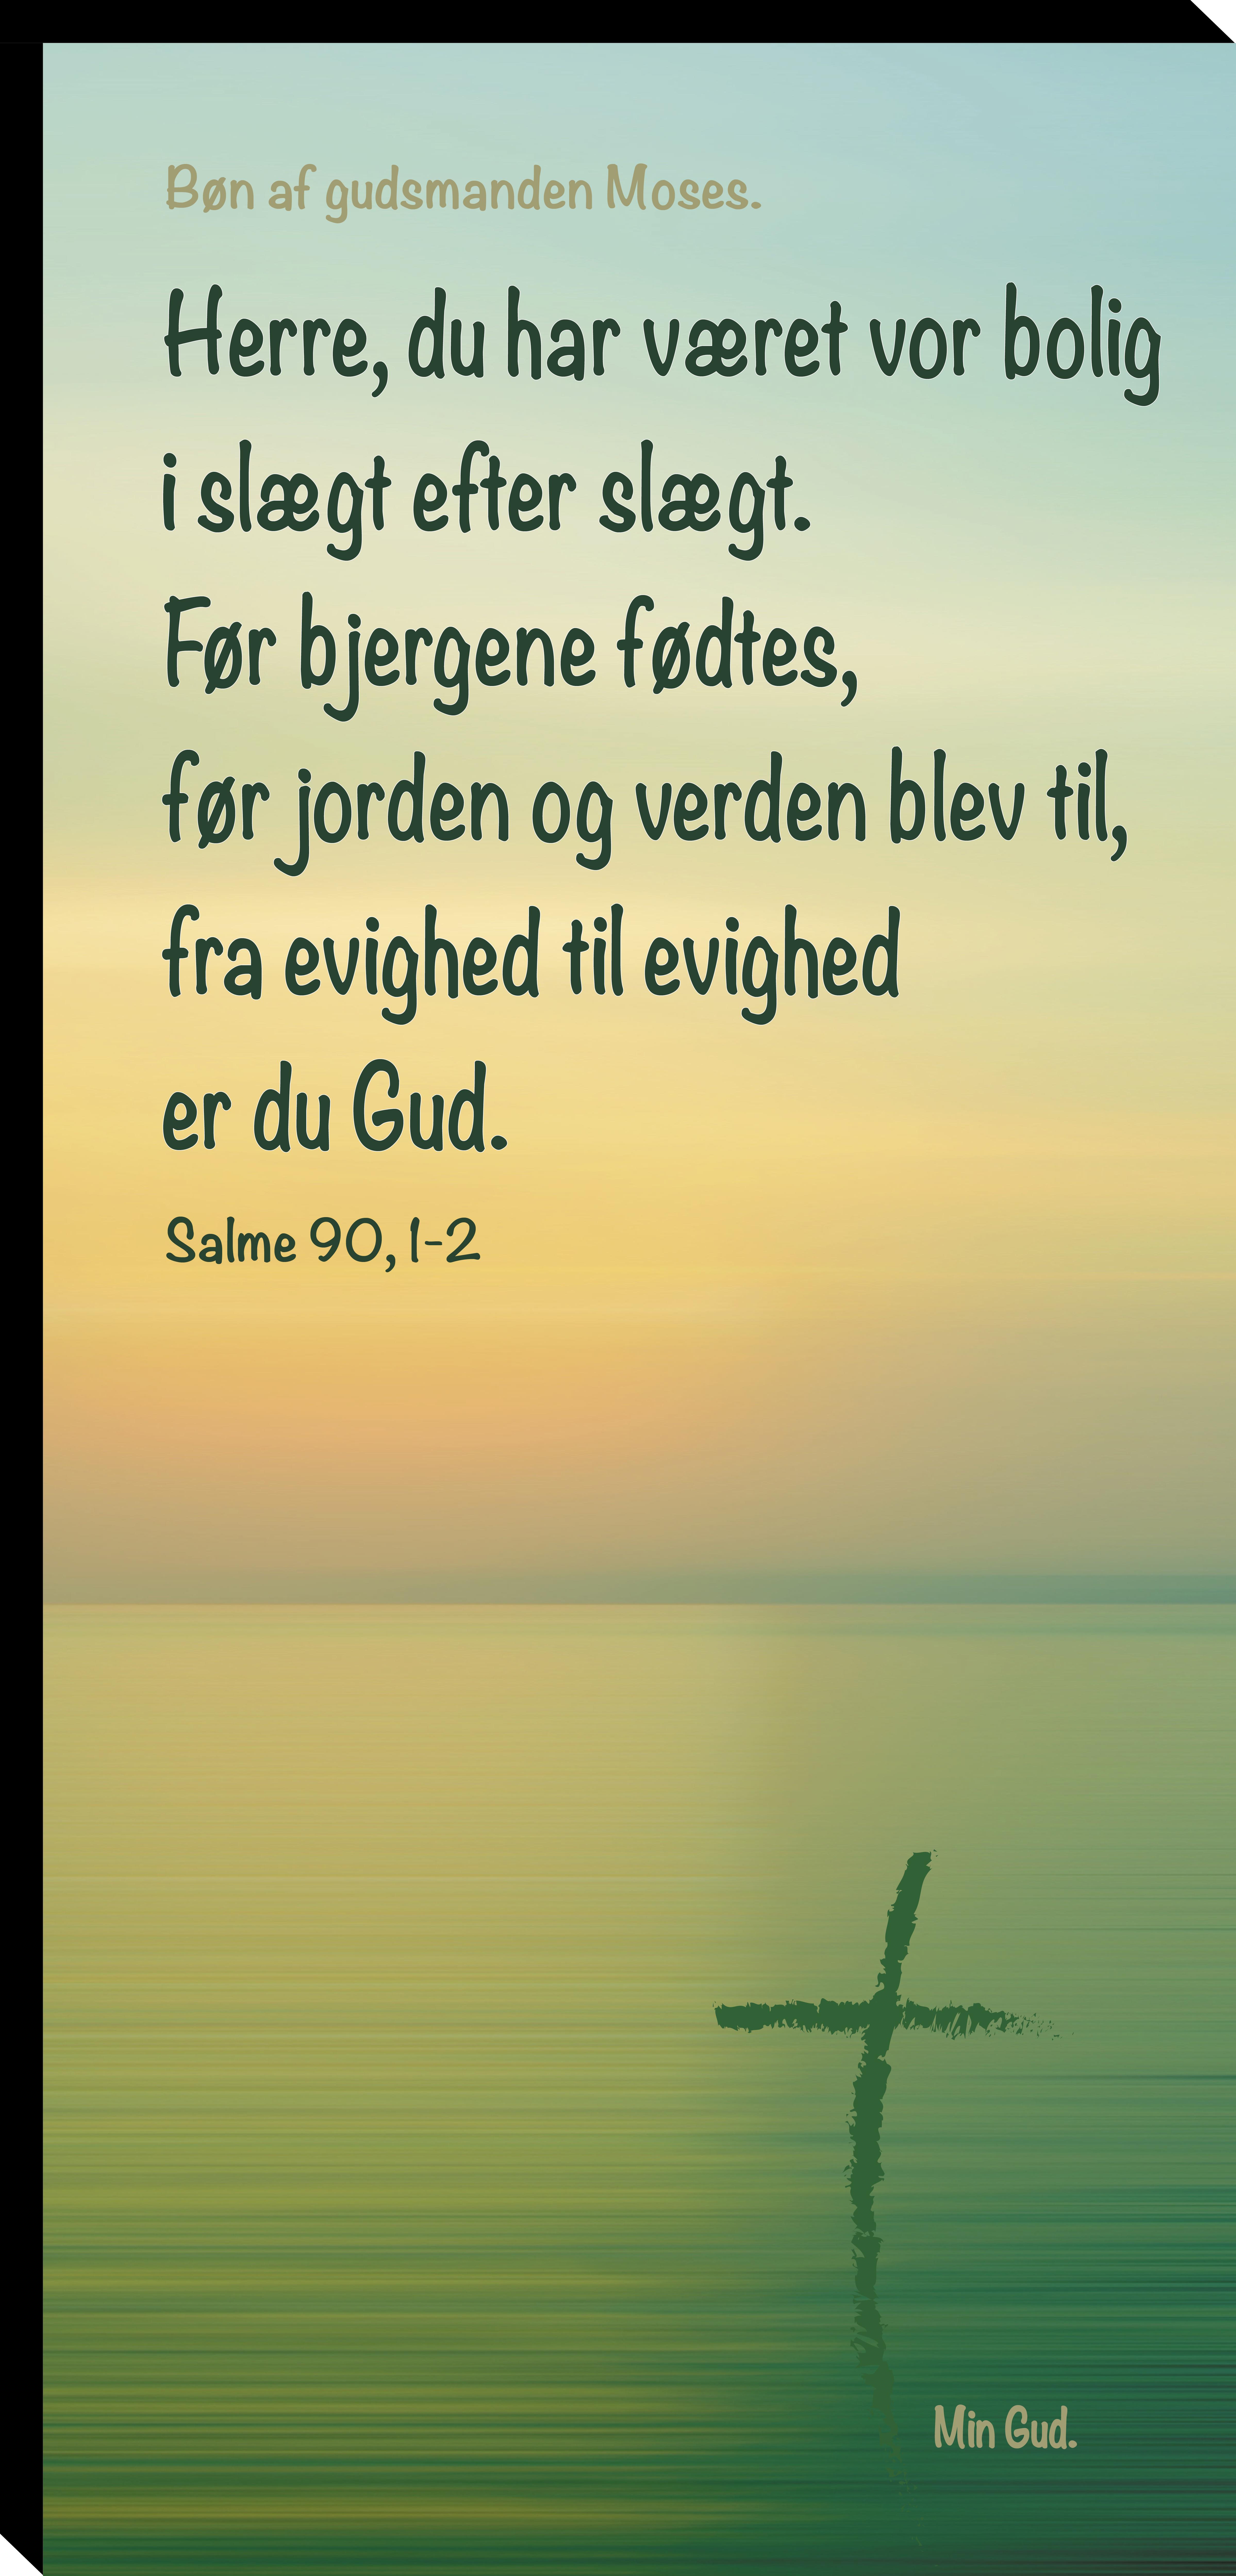 Salme 90, 1-2 Image